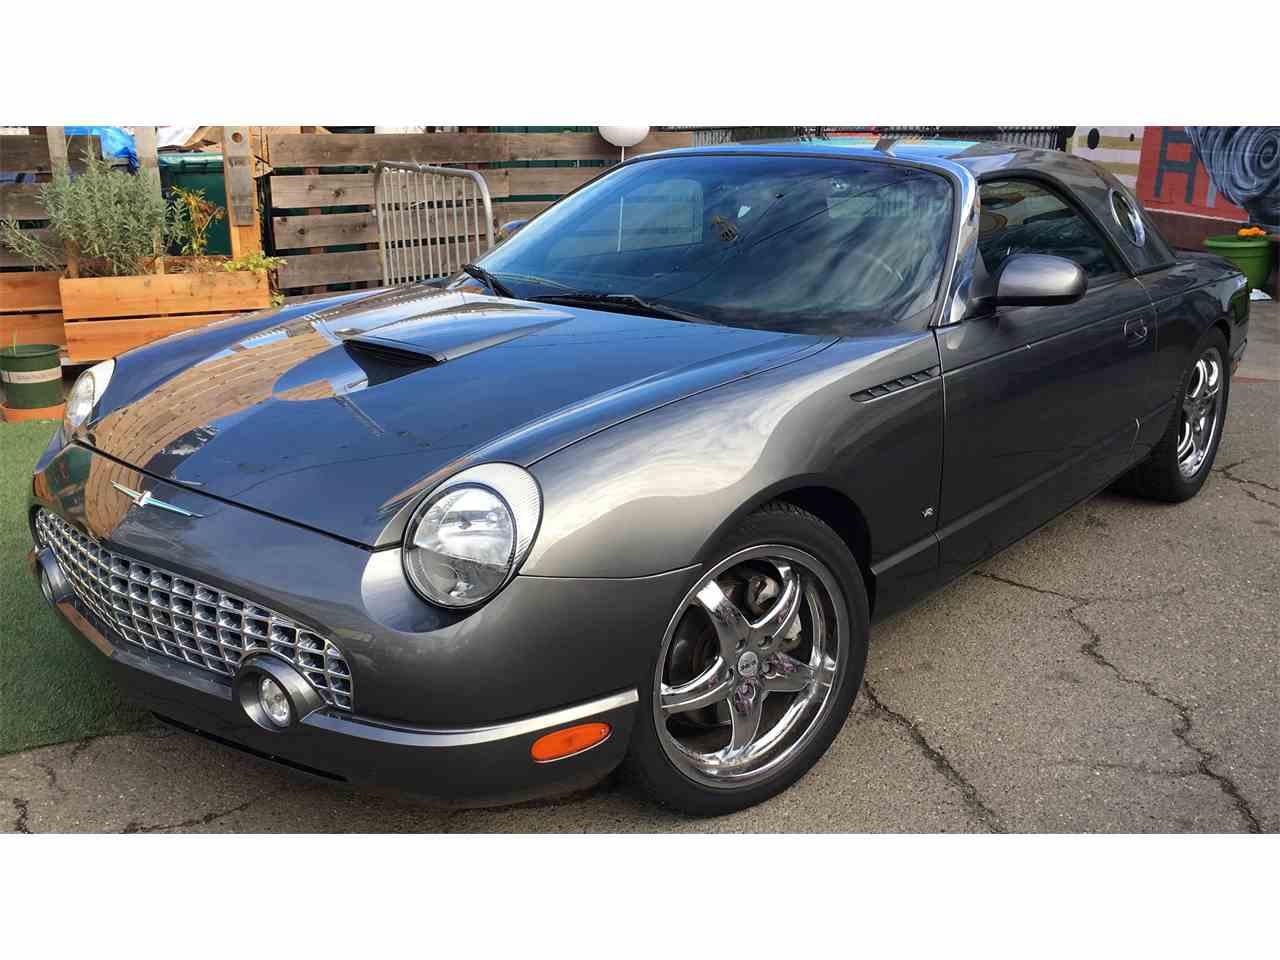 2003 Ford Thunderbird for Sale - CC-1041927